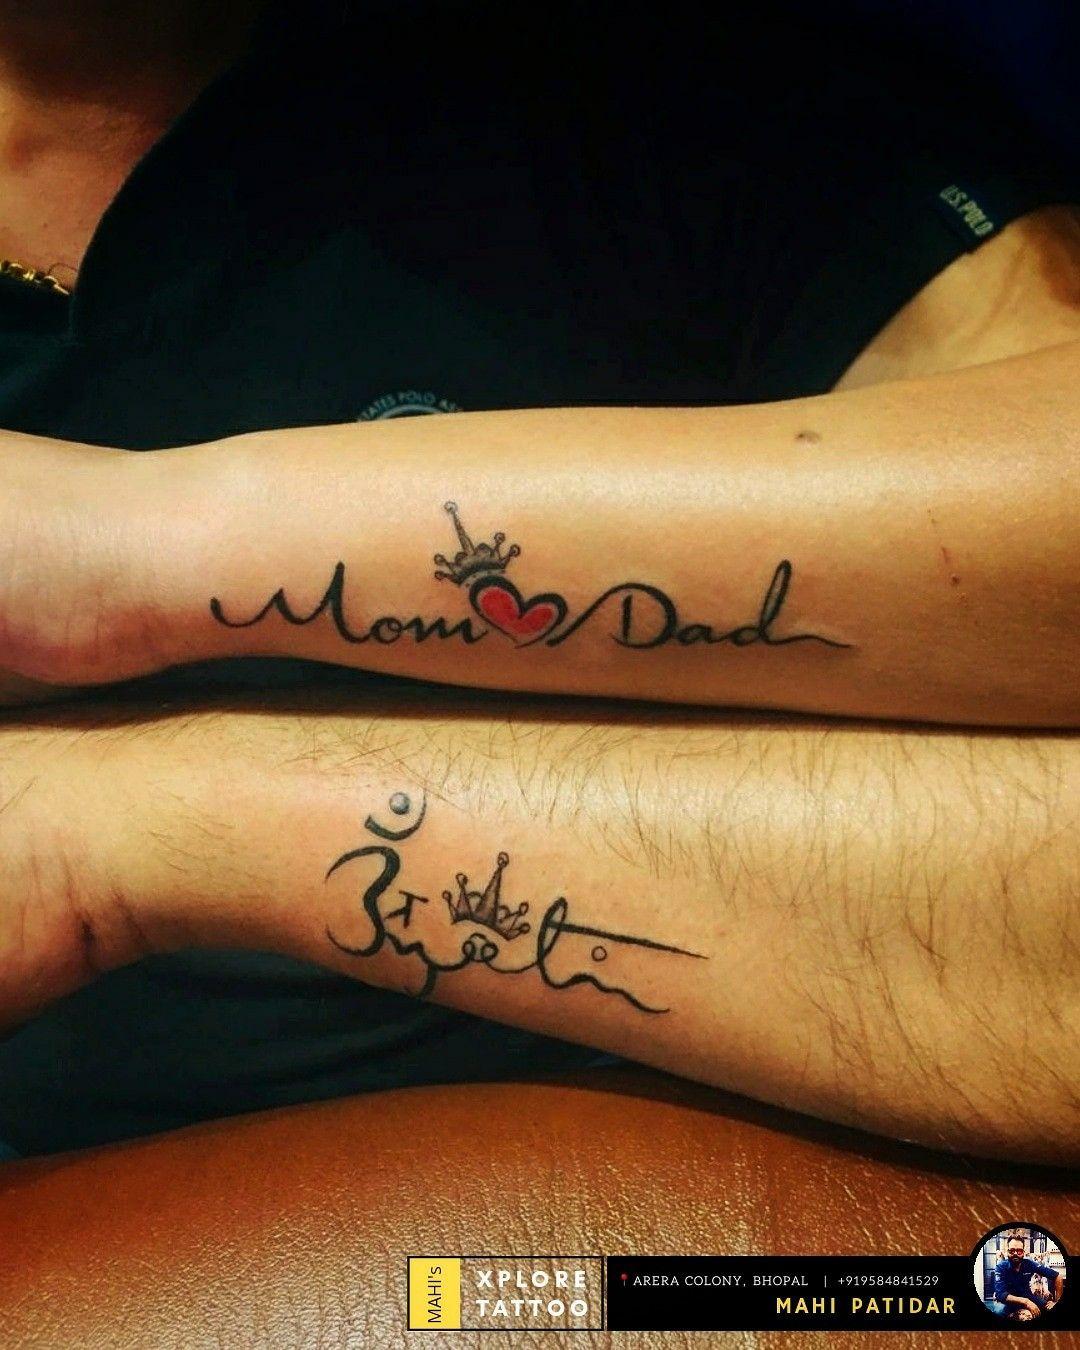 Couple Maapaa Name Freehand Tattoo Design Mahi Patidar Xplore Tattoo Studio Bhopal 919584841529 In 2020 Tattoo Designs Wrist Hand Tattoos Cute Tattoos For Women